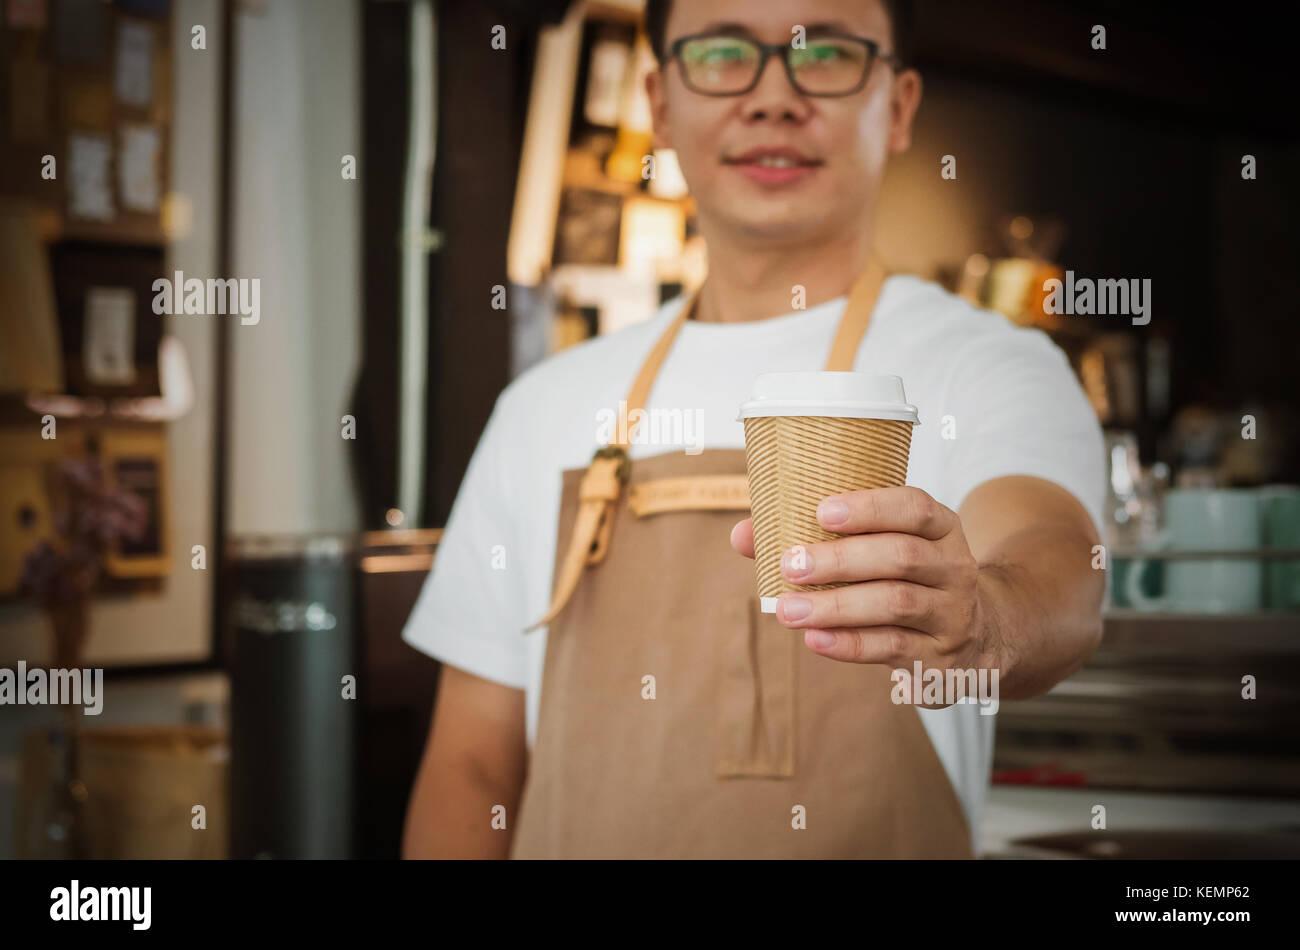 Nahaufnahme einer Kellnerin eine Tasse Kaffee serviert. Selektive konzentrieren. Cafe Restaurant Service, Essen Stockbild